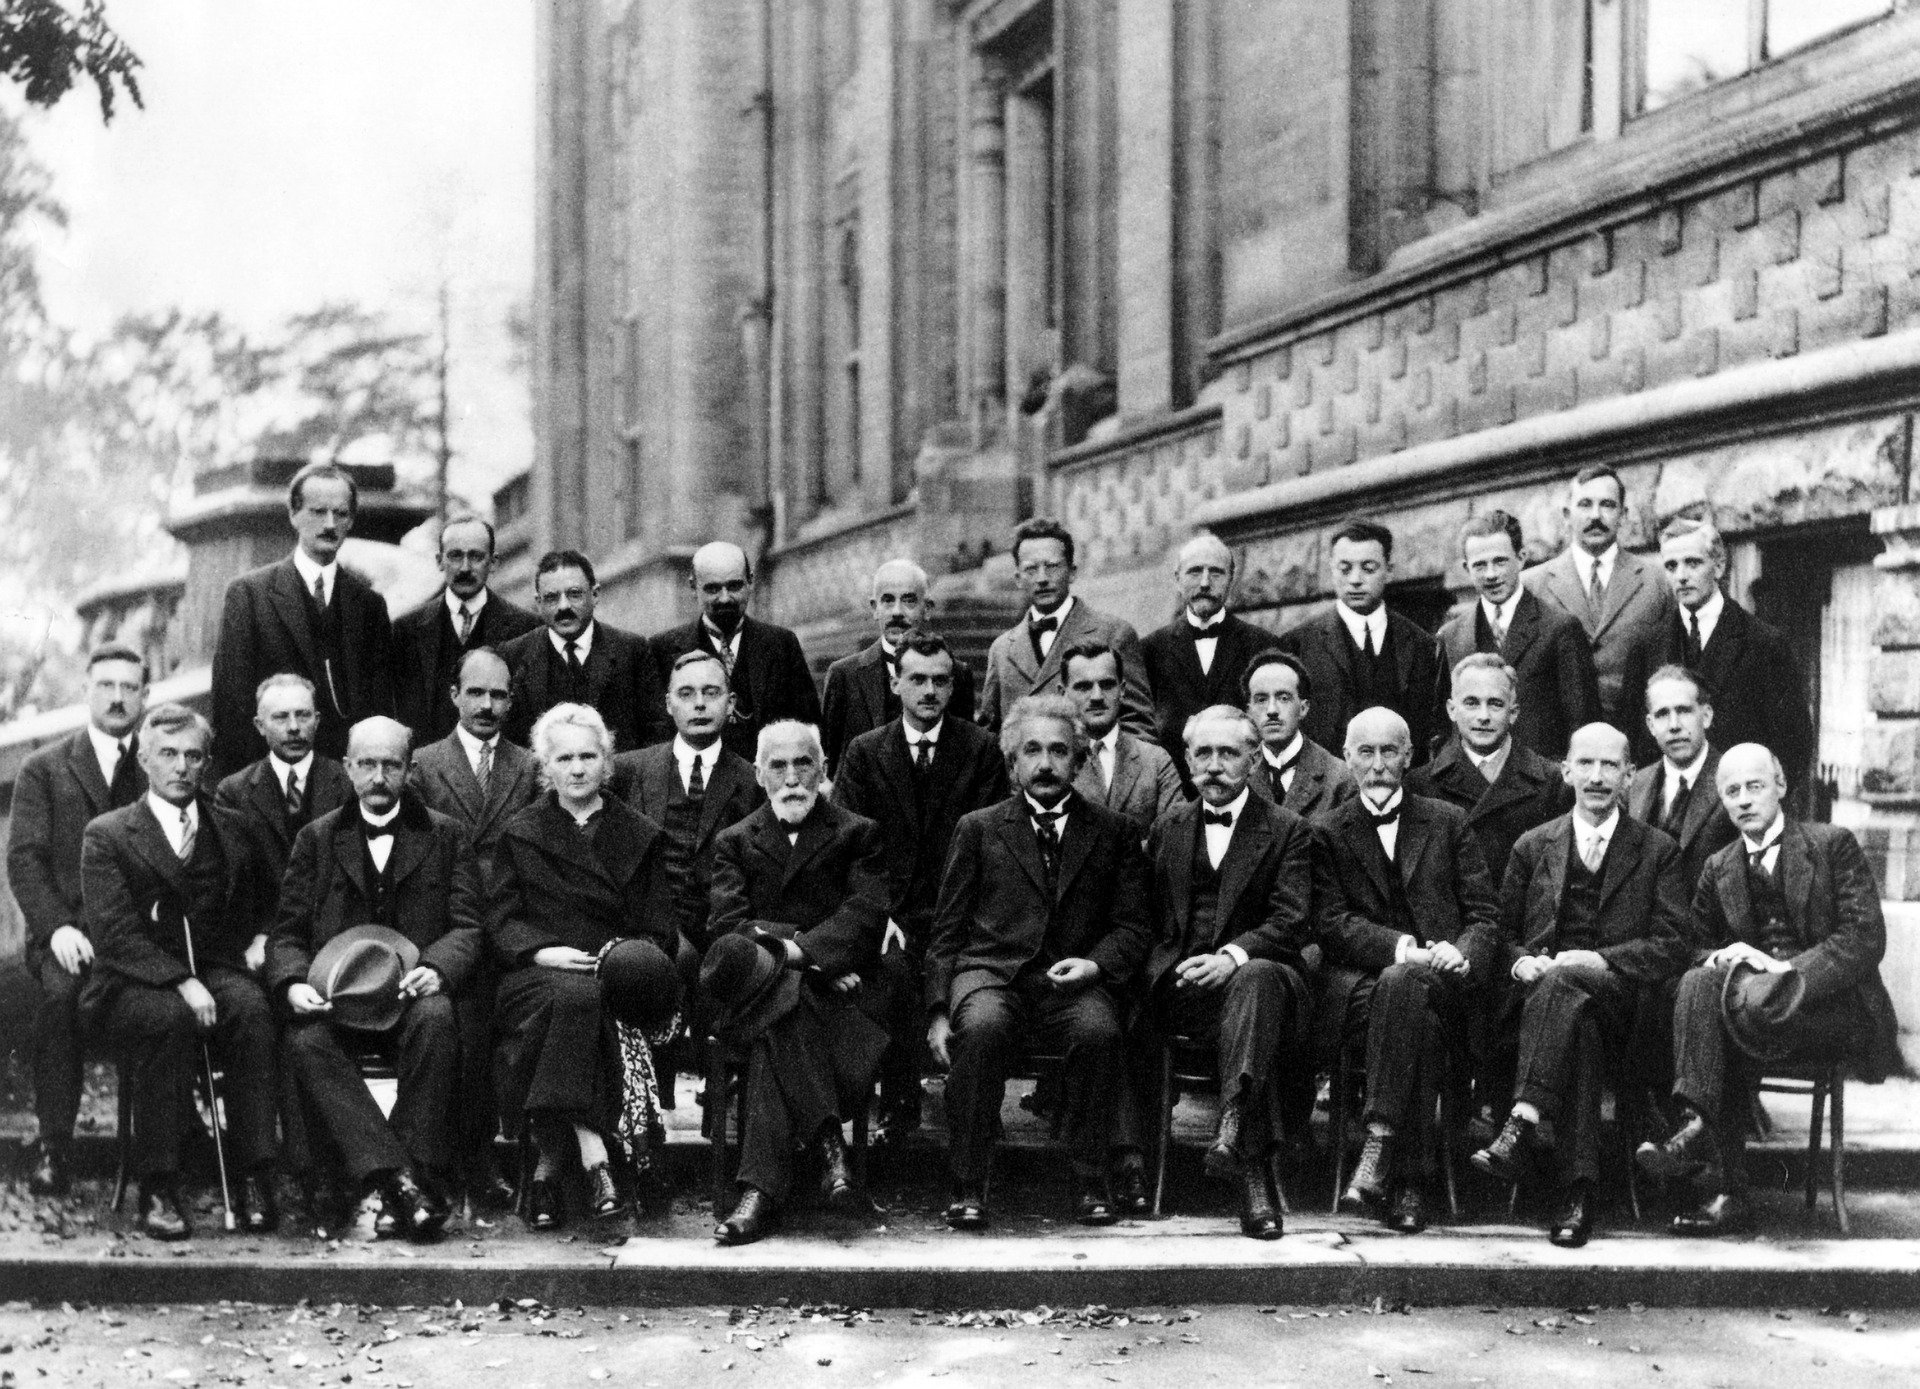 Schwedische Wissenschaftler behaupten: Newton, Einstein und Hawking waren Schweden